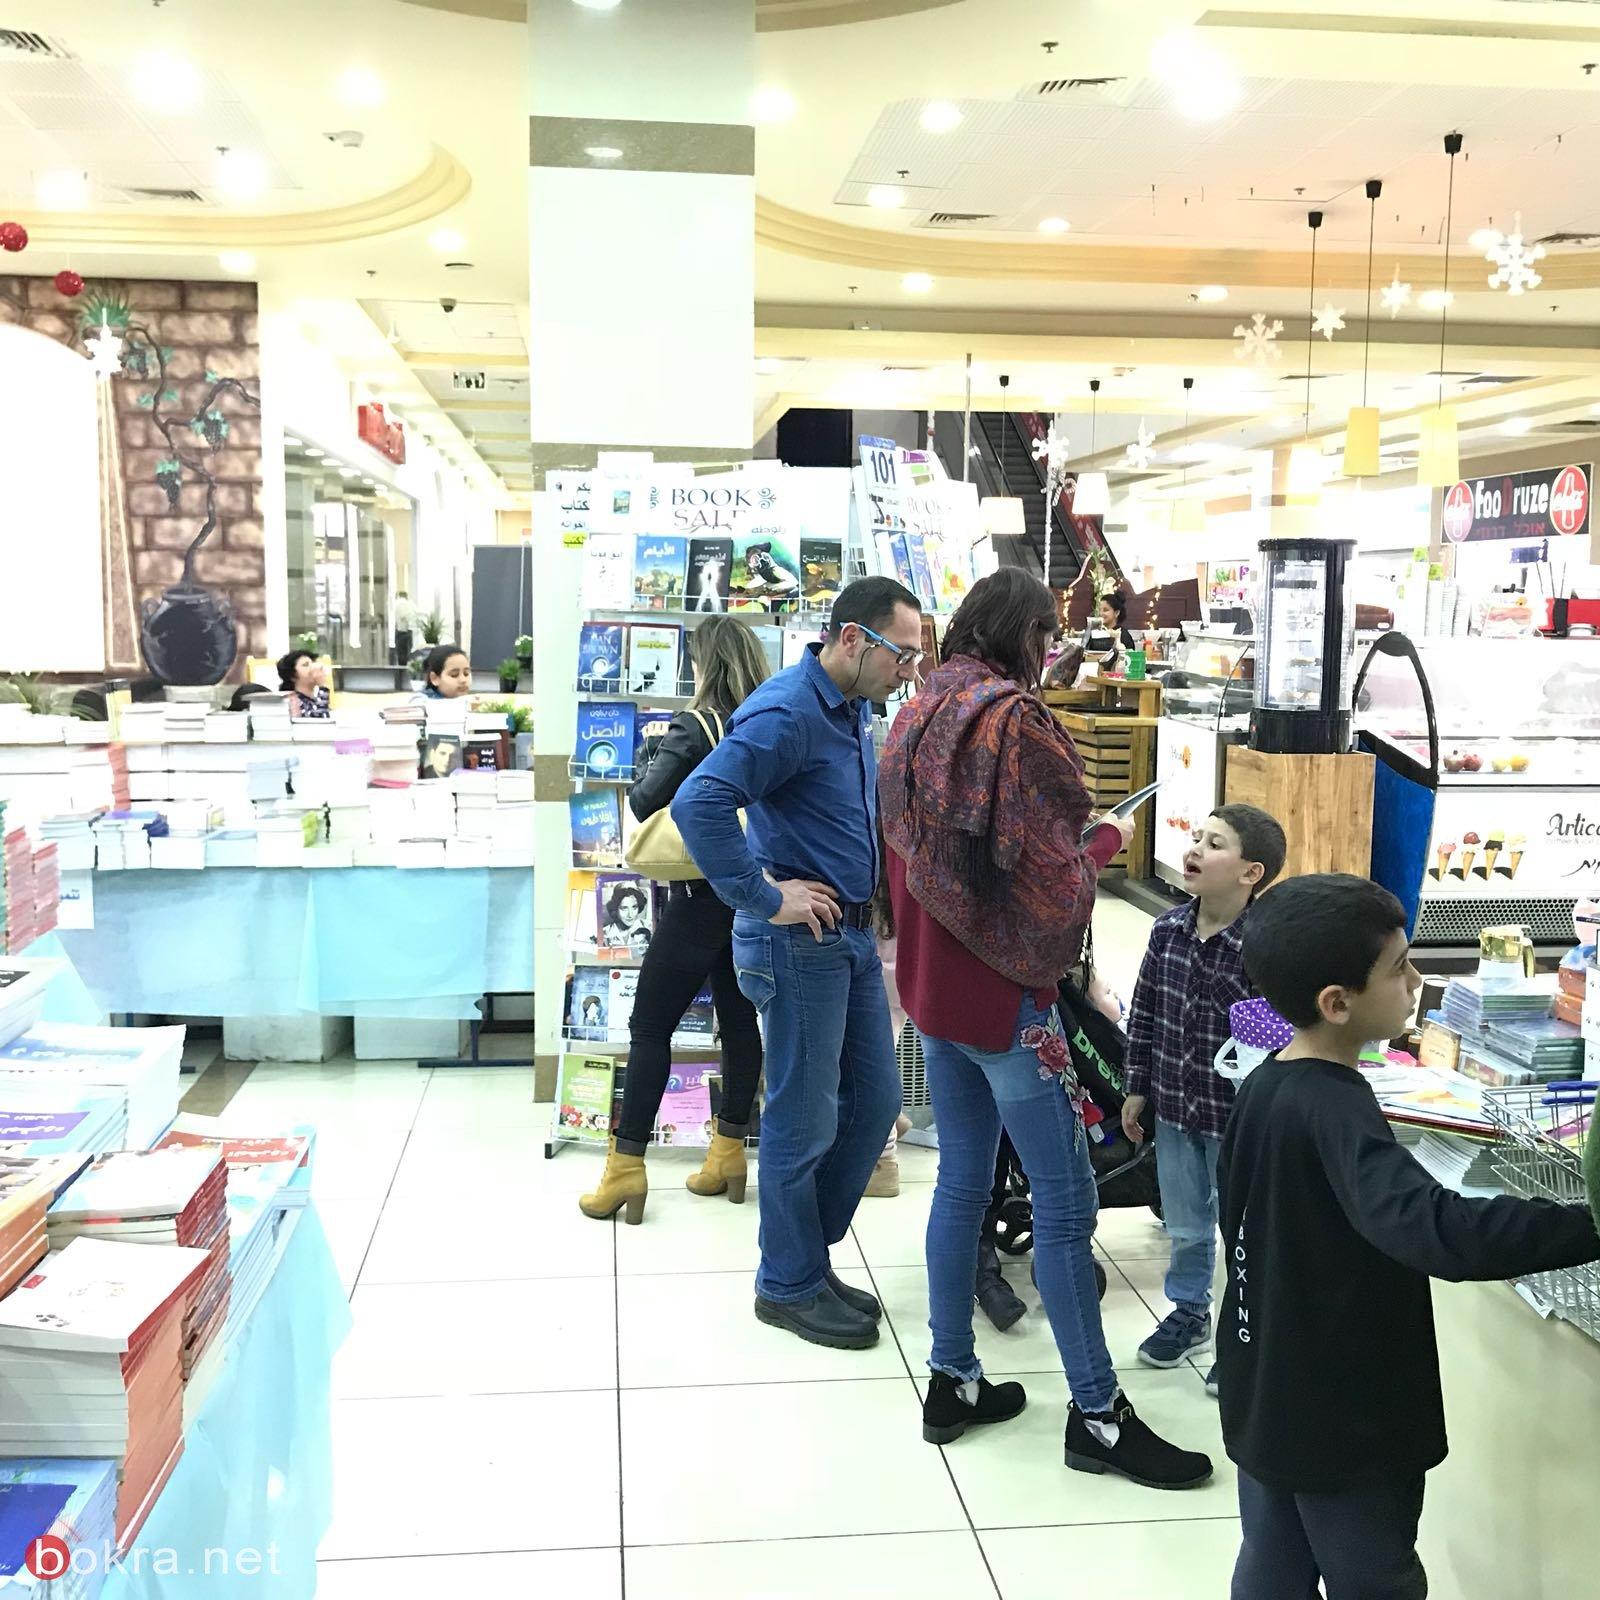 معرض الكتاب في كنيون كنعان- يركا يحقق نجاحاً كبيراً ، المستمر حتى السبت 10.3.18-8